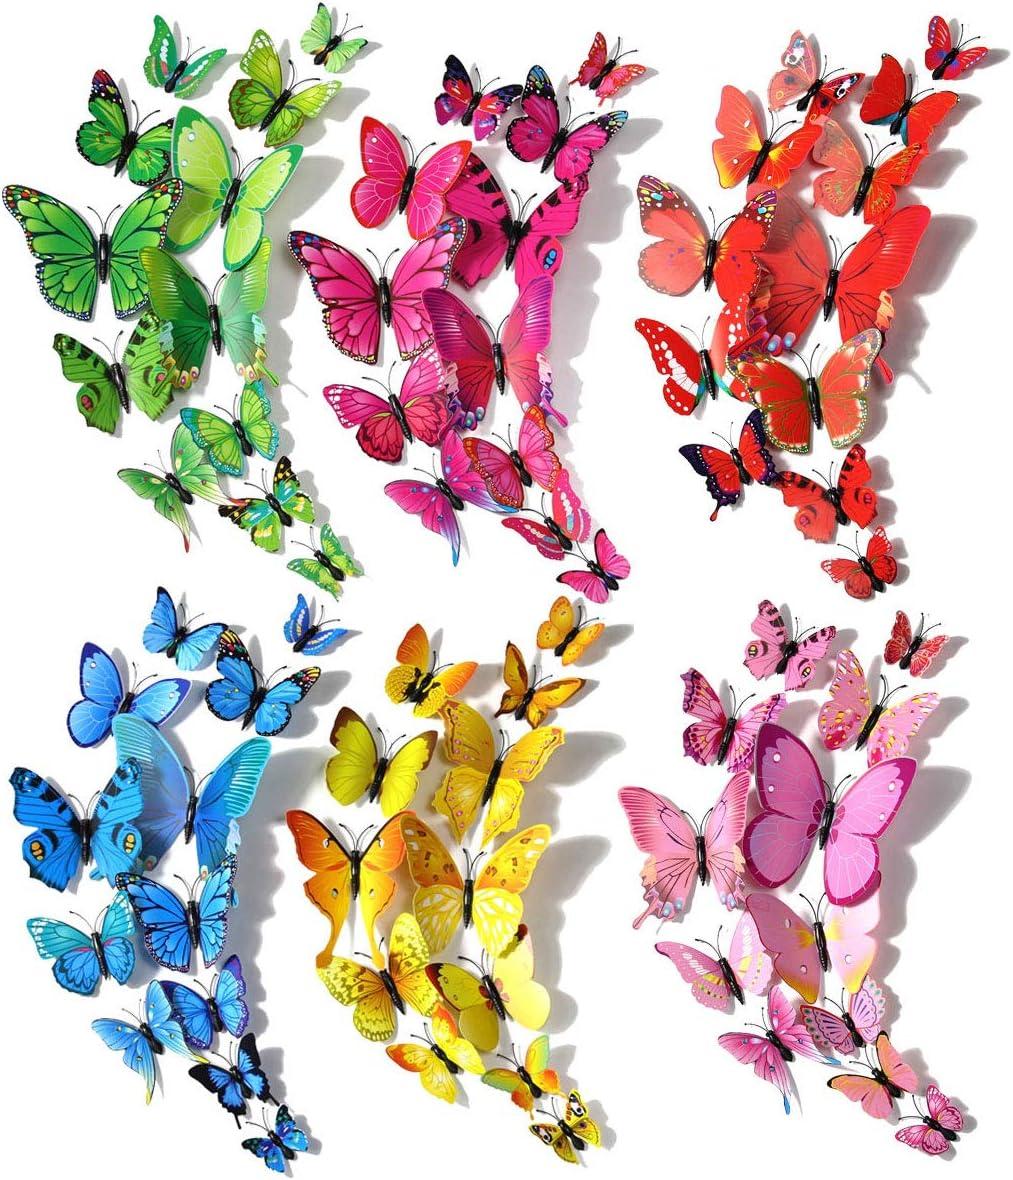 Decoración de mariposas, robusta decoración de mariposas de plástico para decoración de paredes, habitación infantil (120 piezas en 24 azul, 12 rojo, 12 verde, 24 amarillo, 24 rosa, 24 rojo)